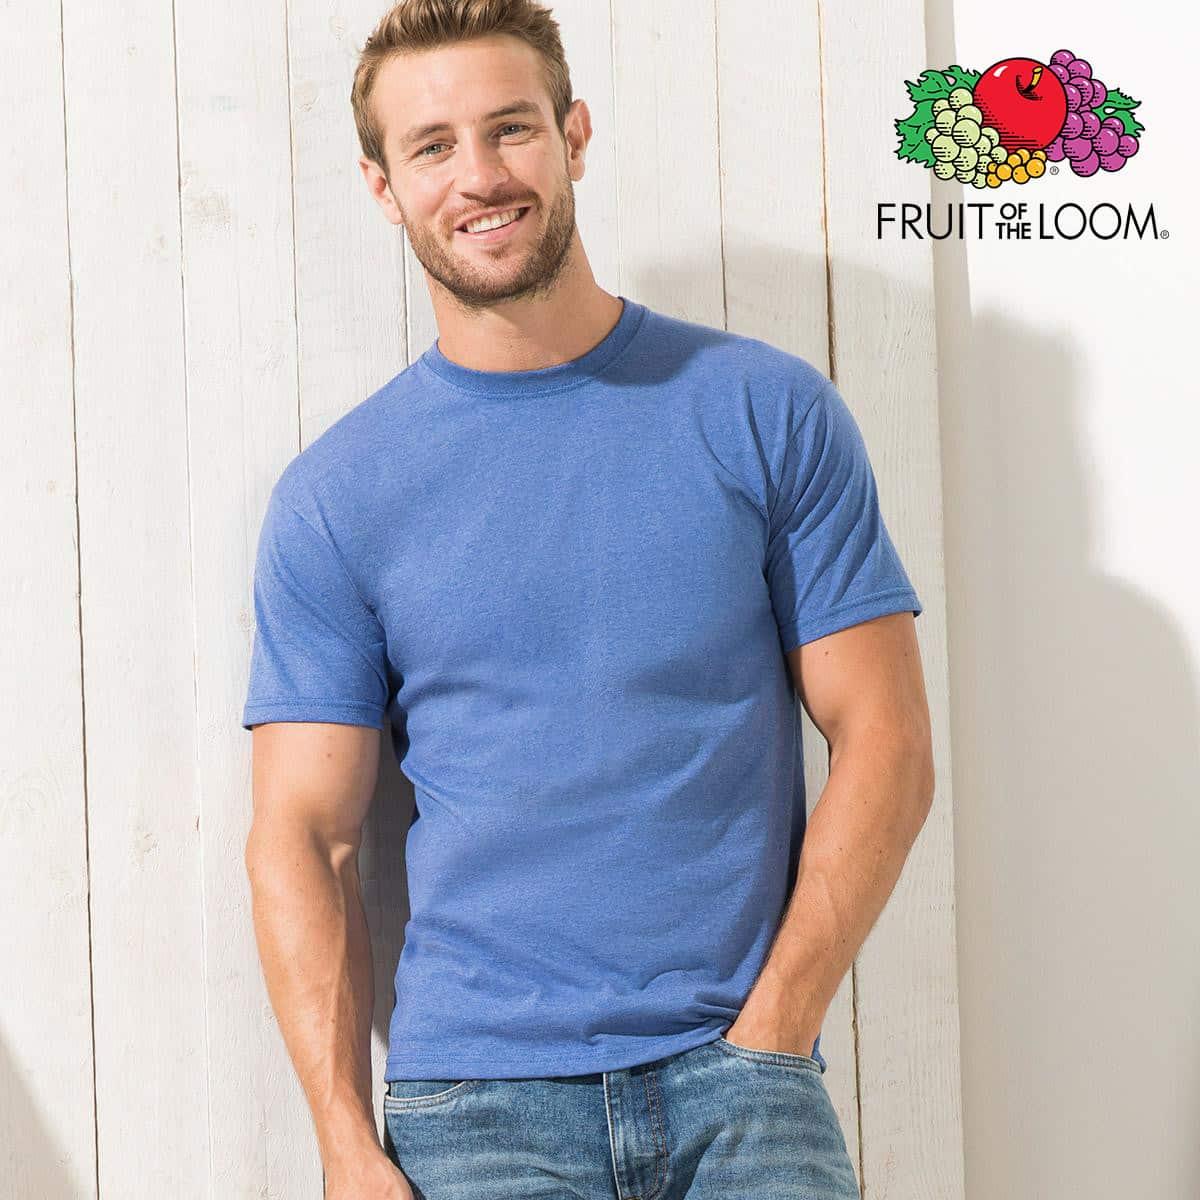 Ragazzo con tshirt in cotone manica corta e girocollo di colore blu